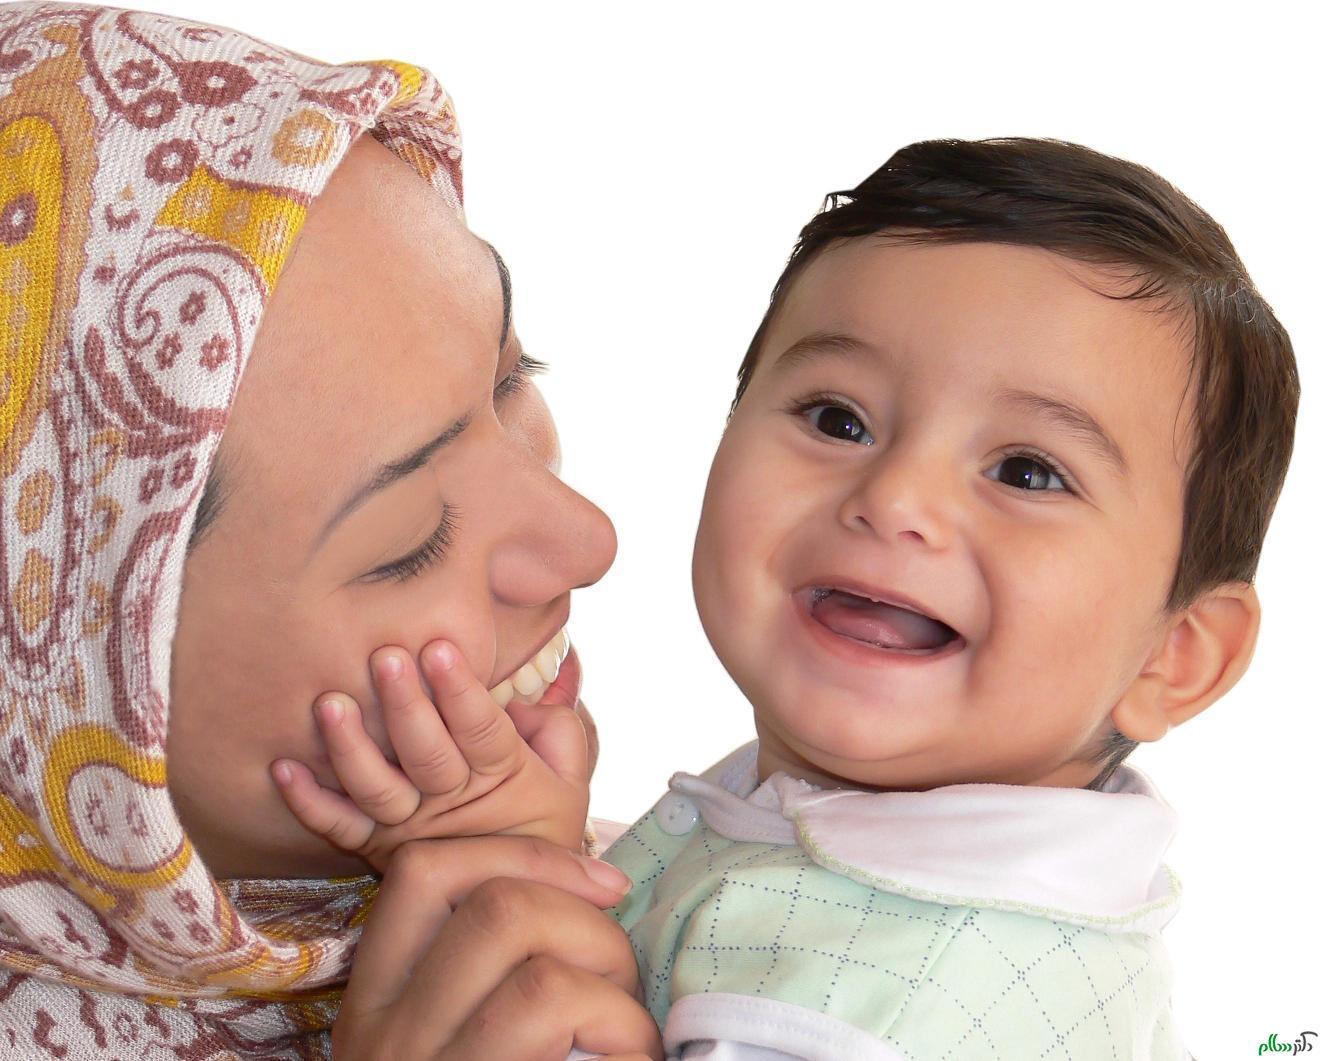 با نوزاد خود ارتباط برقرار کنید